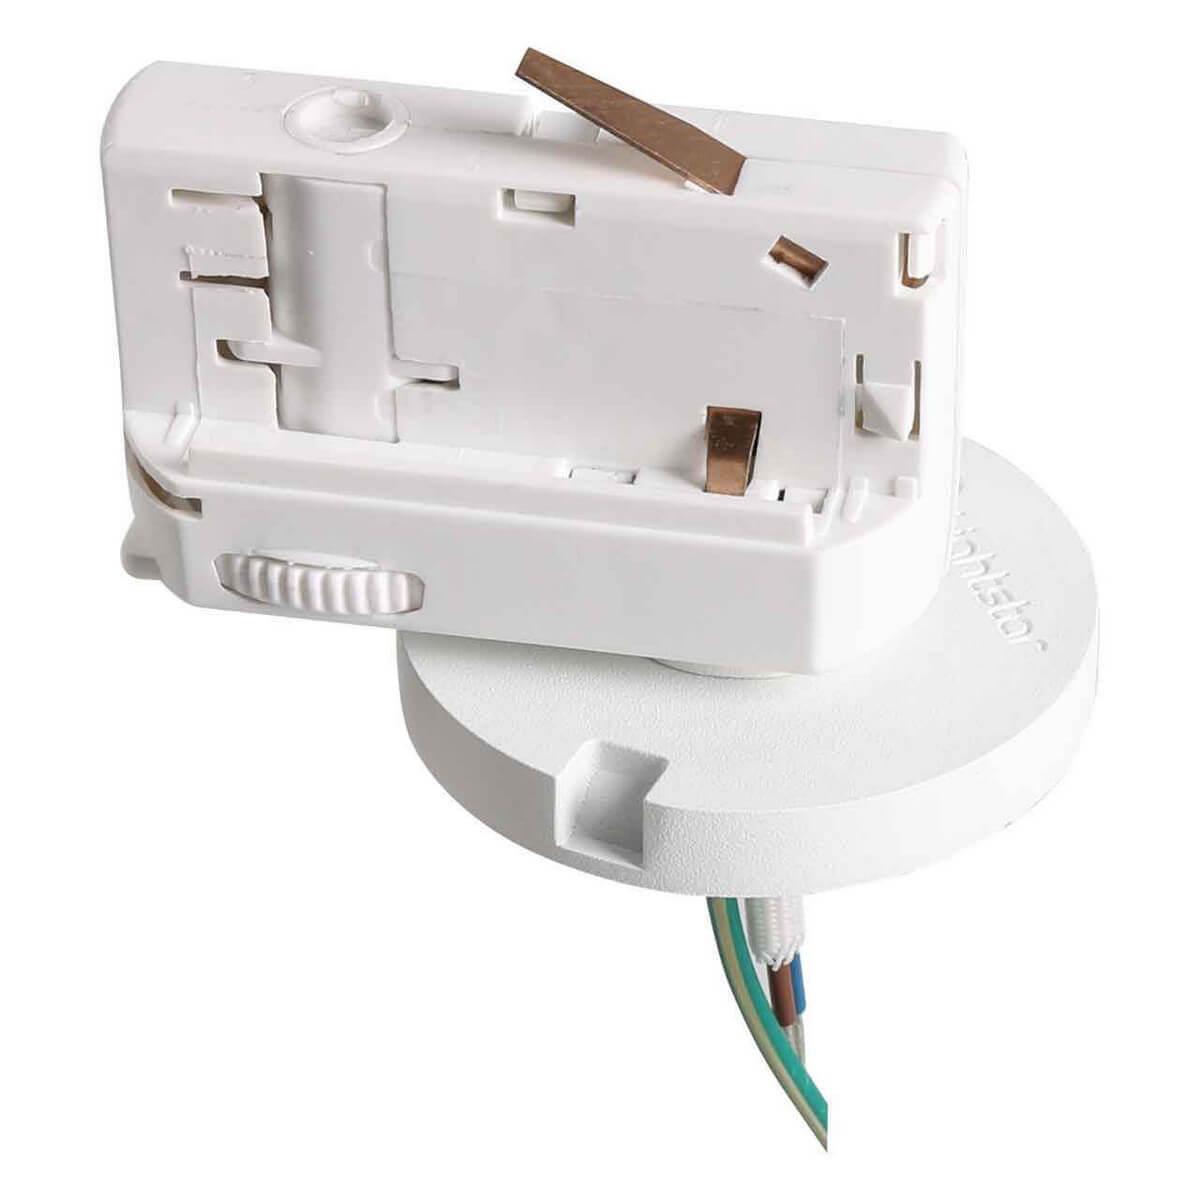 Адаптер для шинопровода Lightstar 594076 Asta White (для трехфазного шинопровода)